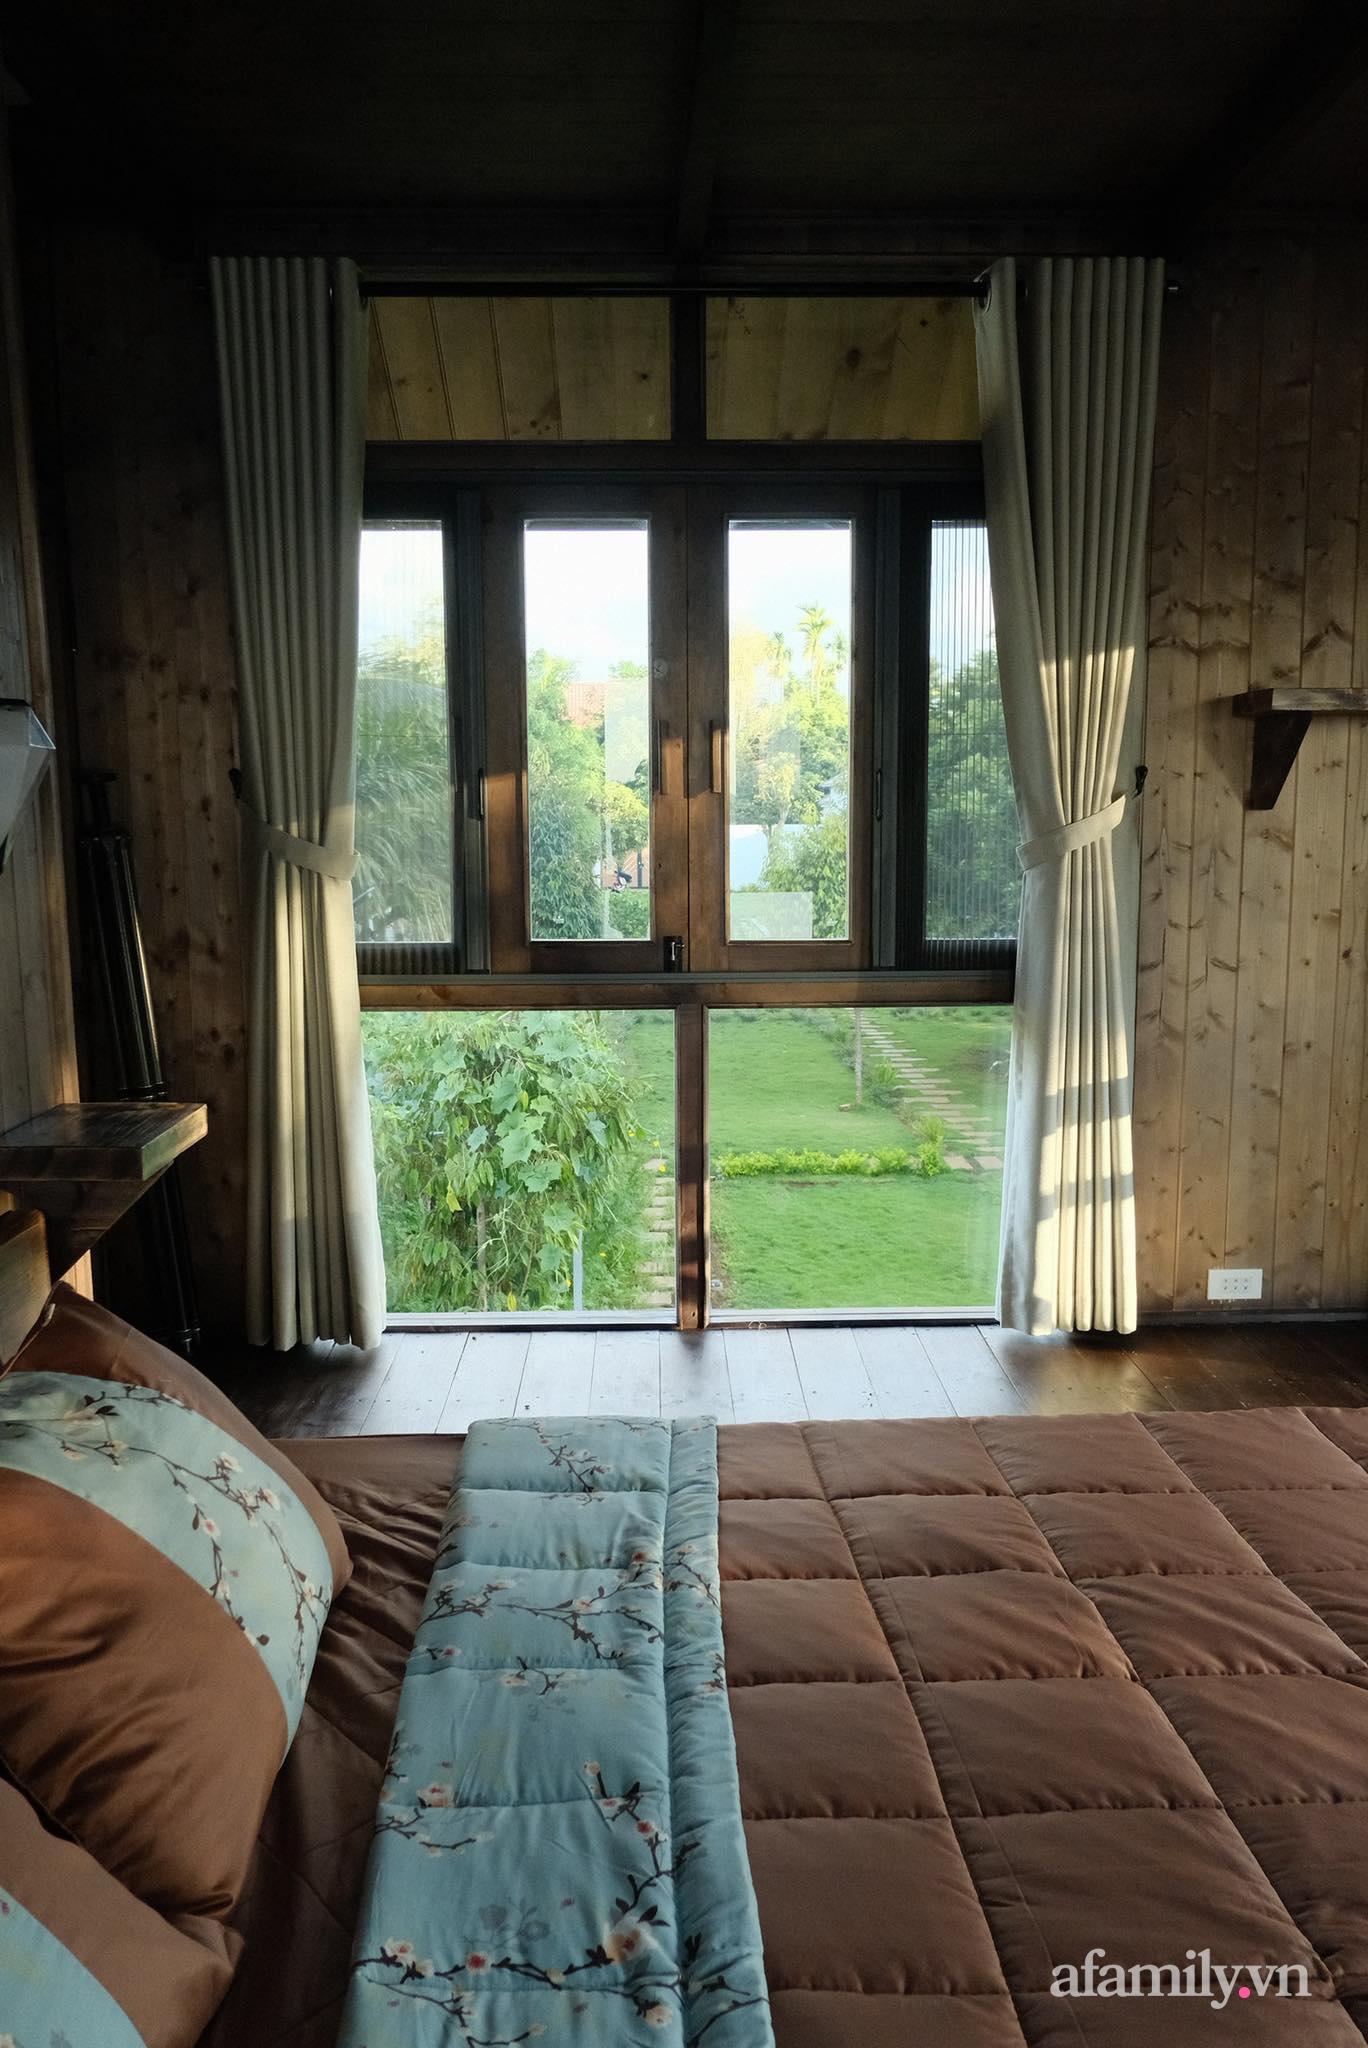 Căn nhà gỗ bình yên hướng tầm nhìn ra hồ nước trong veo, thơ mộng ở Buôn Mê Thuột - Ảnh 18.